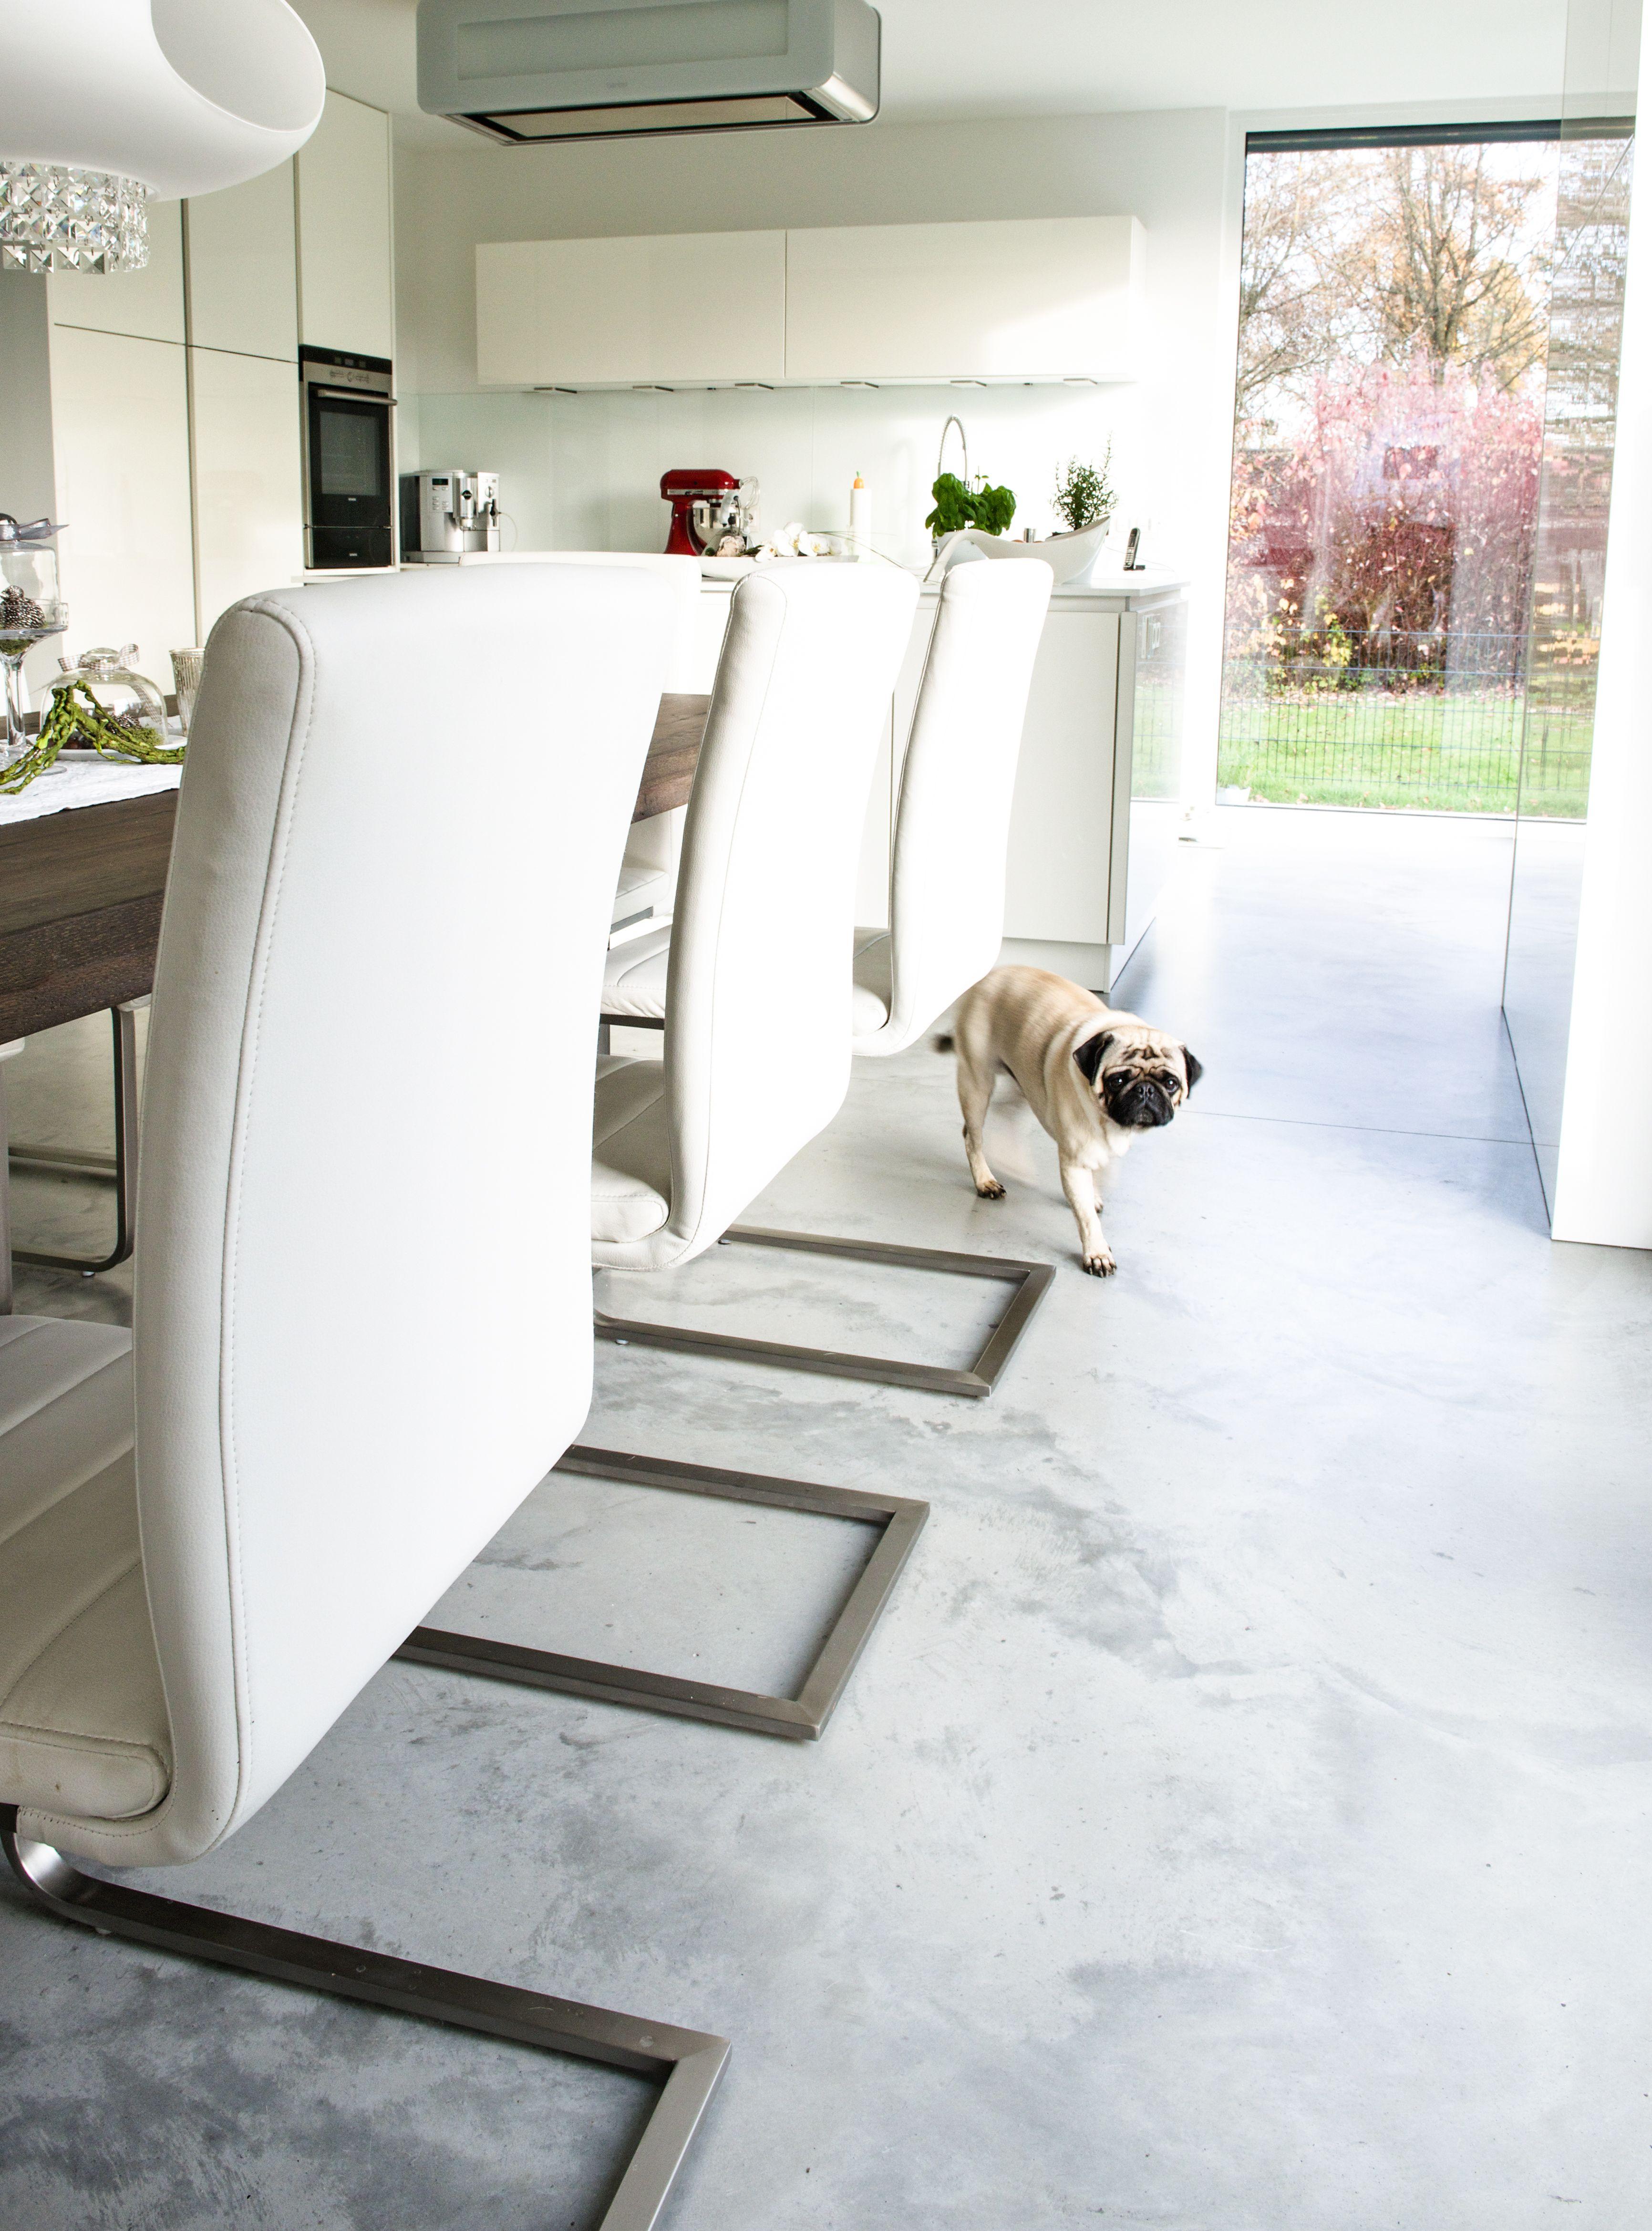 Küchenboden creafloor design estrich küchenboden designboden sichtestrich sehr